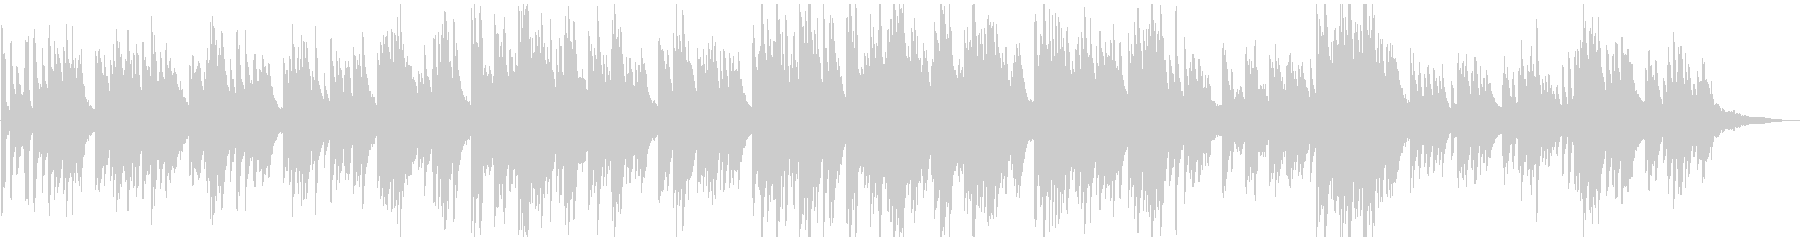 メロディック 明るくポップな ピアノソロの未再生の波形